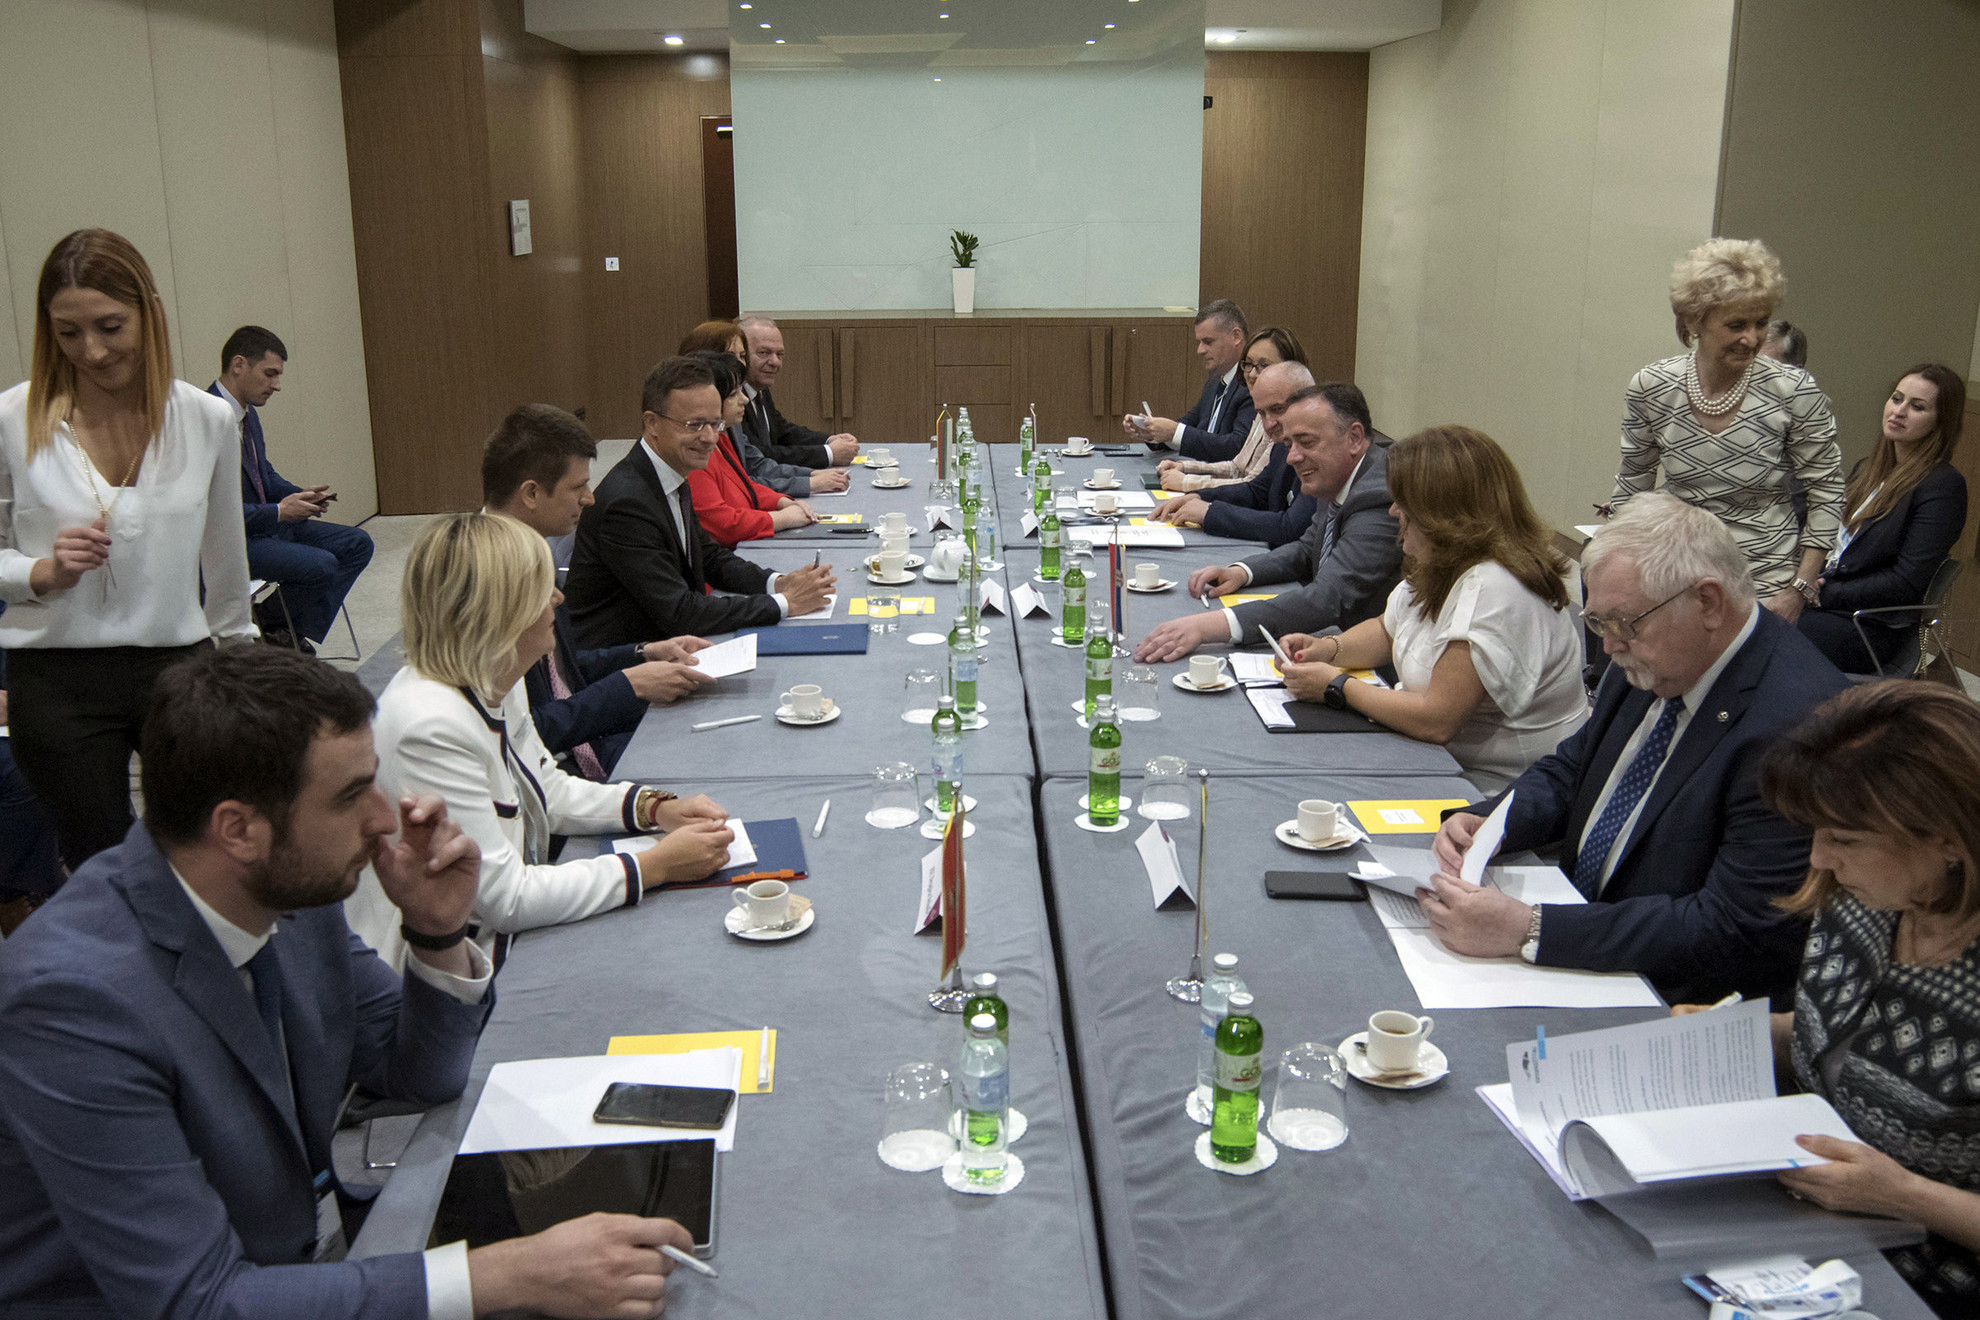 vDragica Sekulic montenegrói gazdasági miniszter (b2), Szijjártó Péter külgazdasági és külügyminiszter (b4), Temenuzska Petrova bolgár energetikai miniszter (b5), Anton Anton román energetikai miniszter (j2), Aleksandar Antic szerb bányászati és energetikai miniszter (j4) és Petar Dokic, Bosznia-Hercegovina energetikai minisztere egyeztetést tart a belgrádi regionális energiabiztonsági konferencia előtt